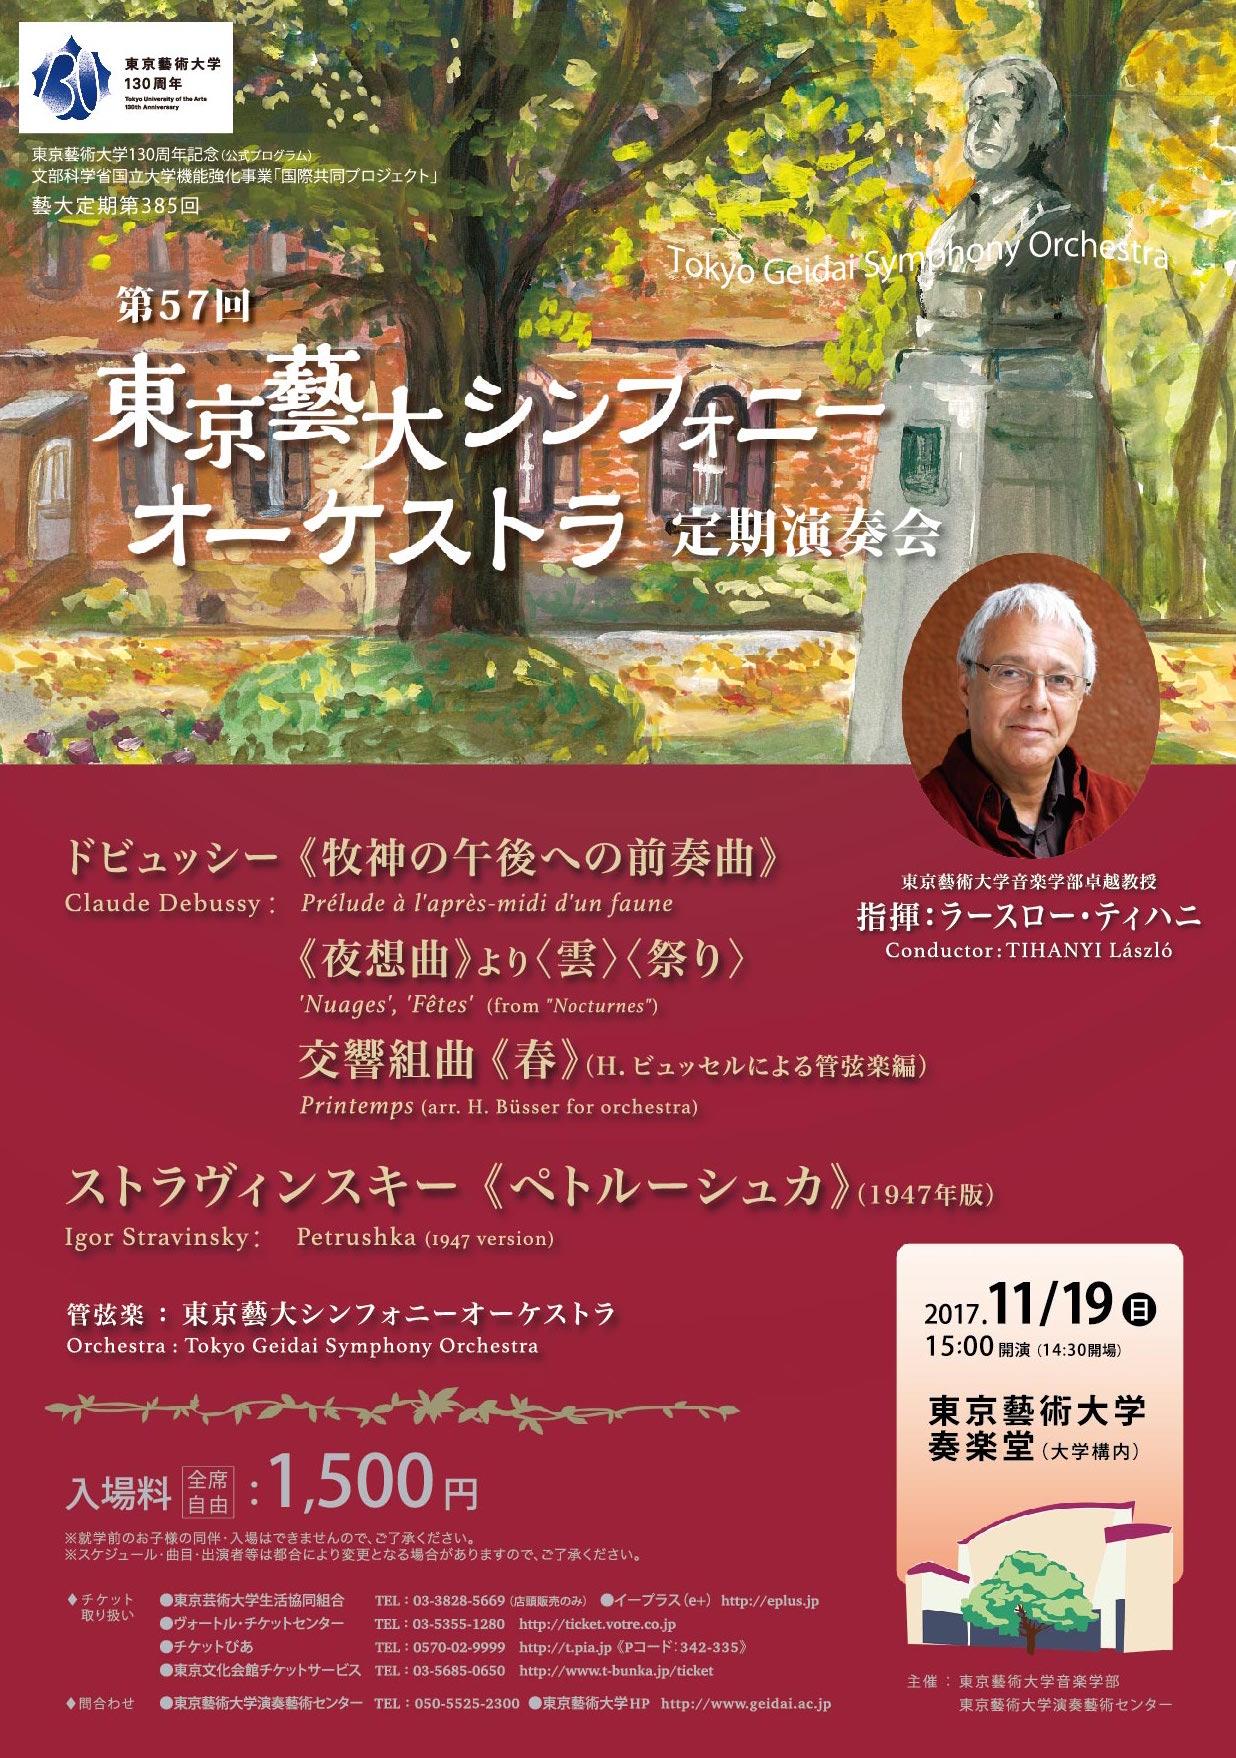 第57回 東京藝大シンフォニーオーケストラ定期演奏会